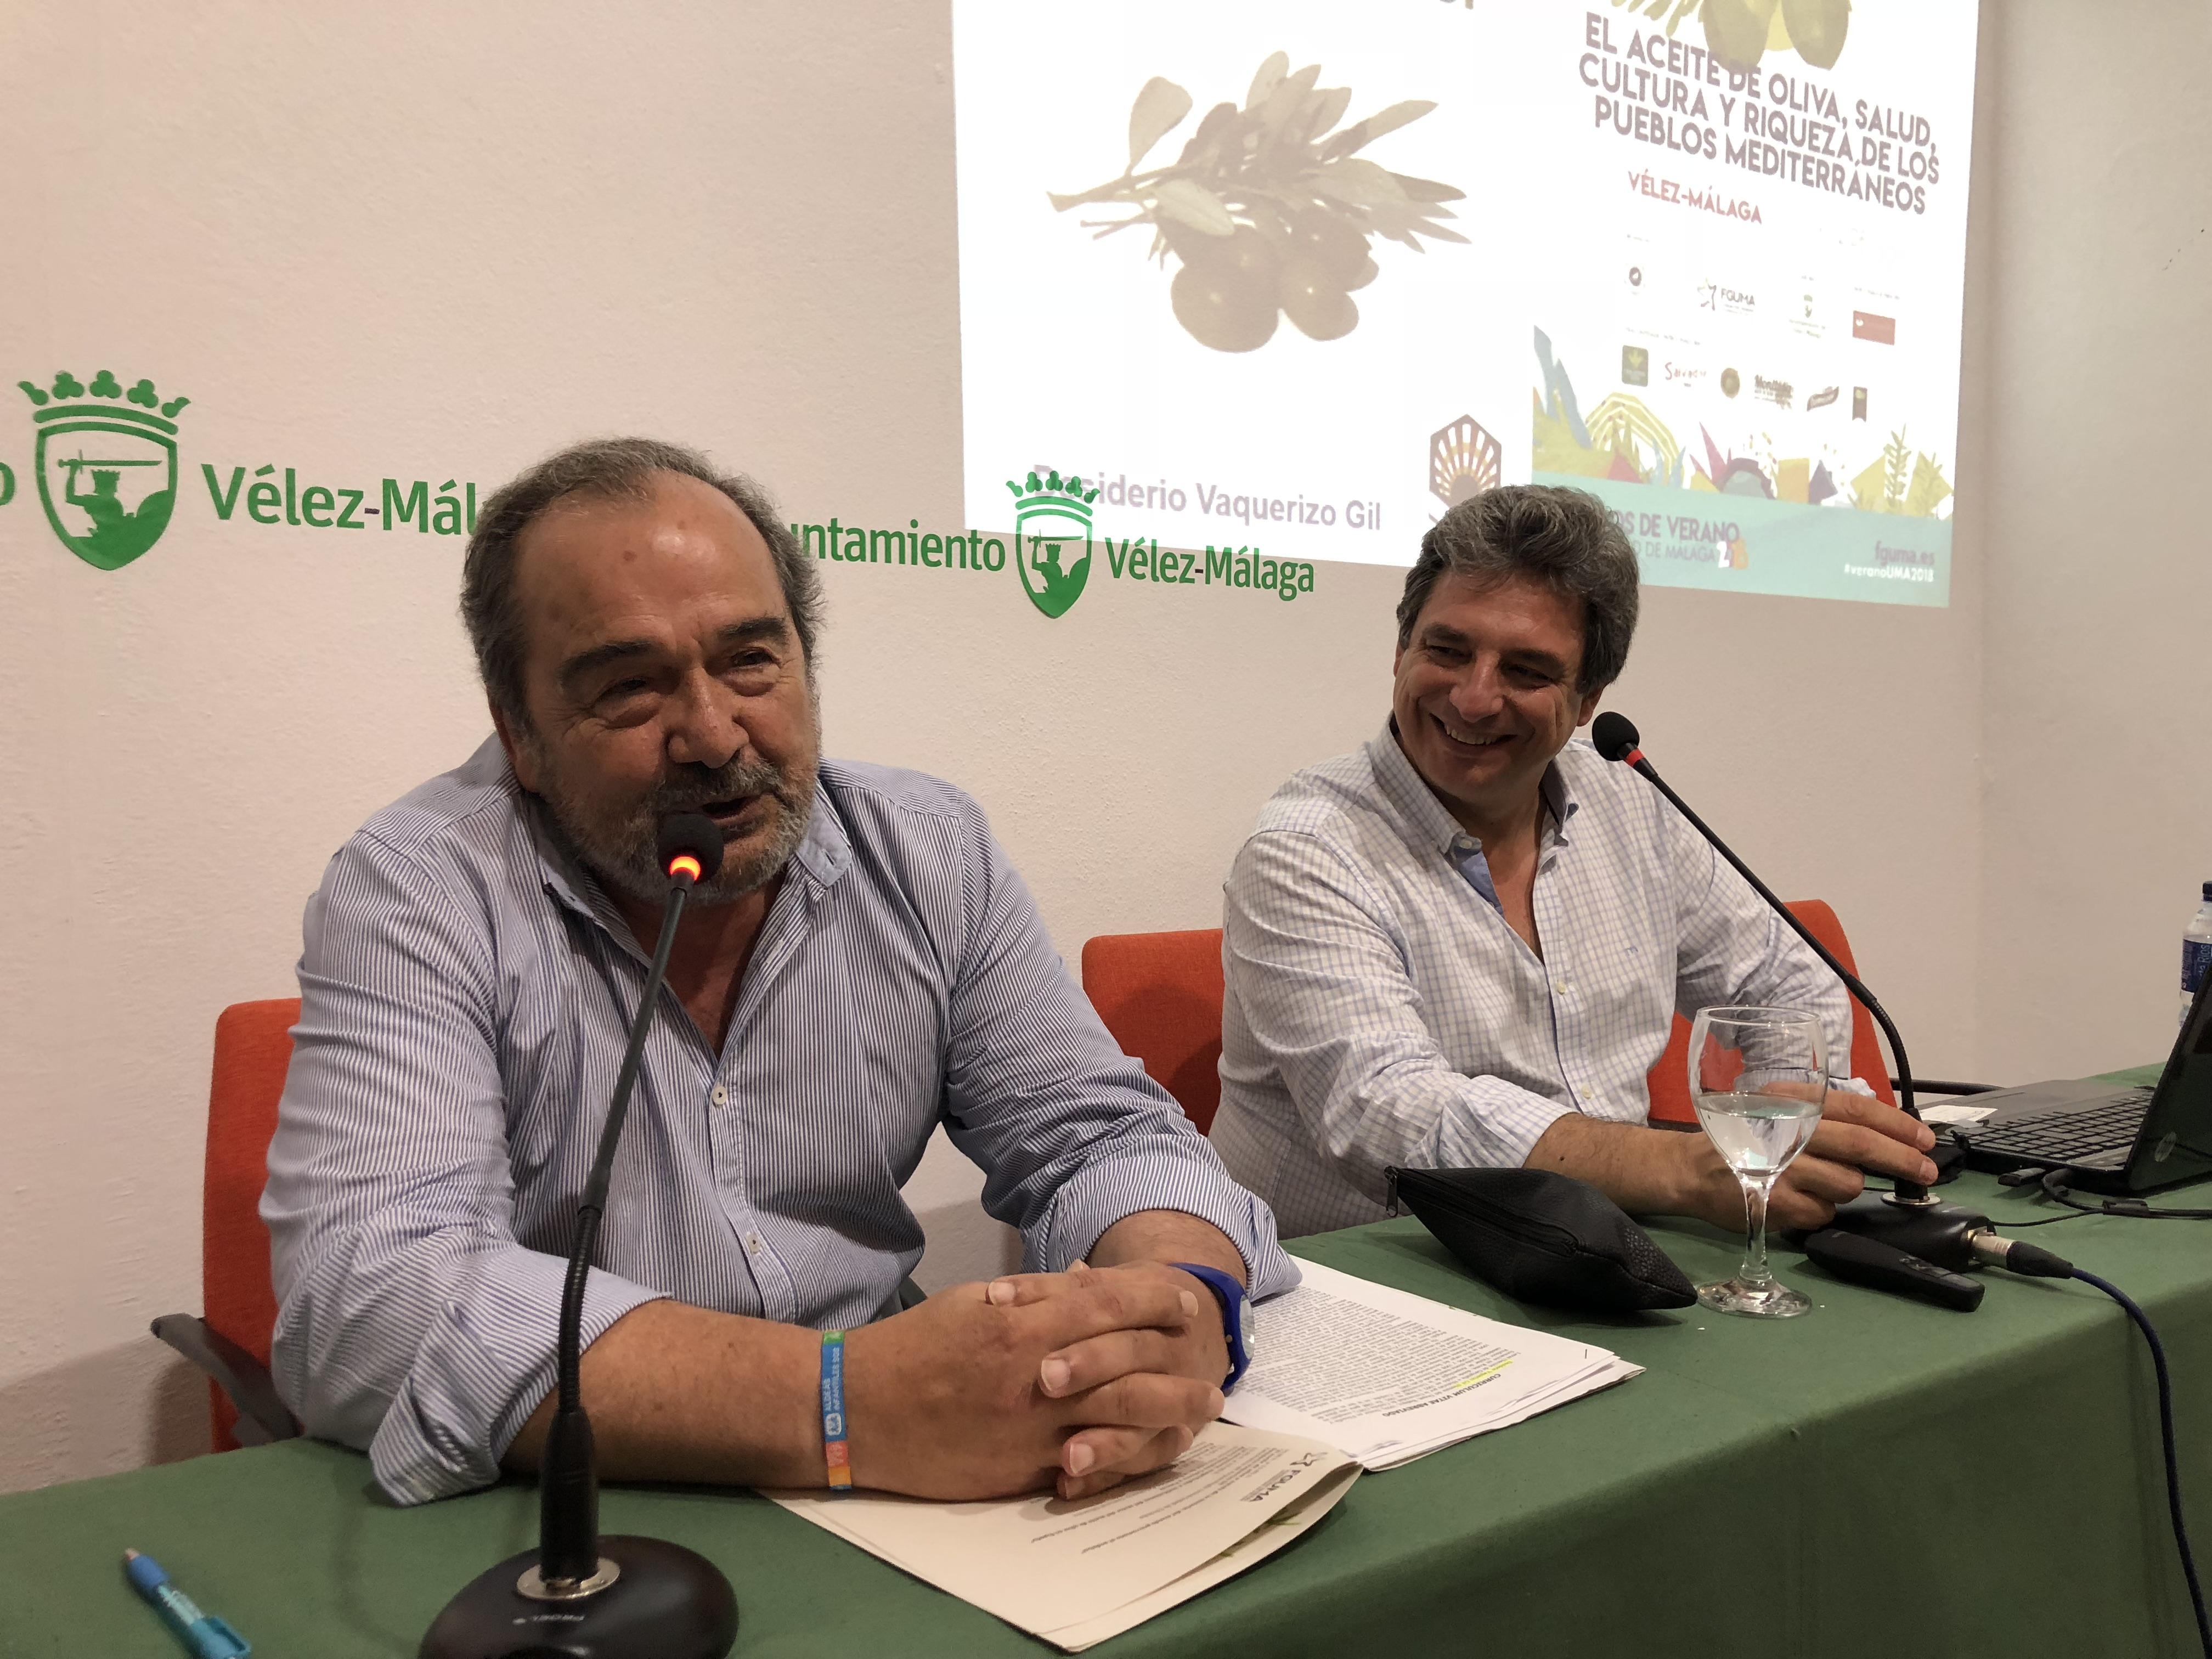 """""""El aceite de oliva, salud, cultura y riqueza de los pueblos mediterráneos"""""""